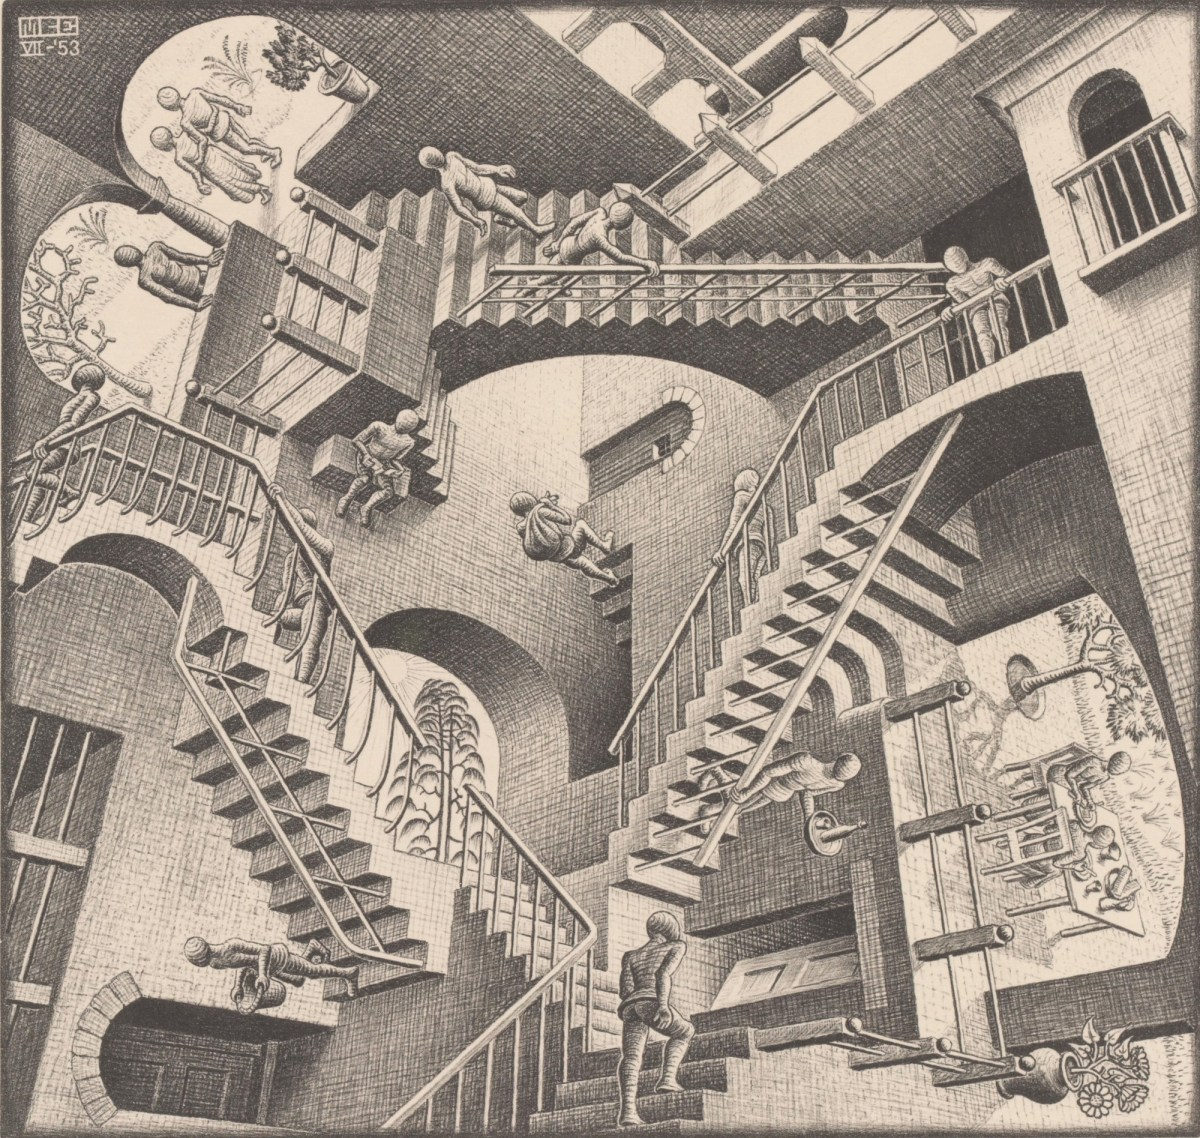 MC Escher print